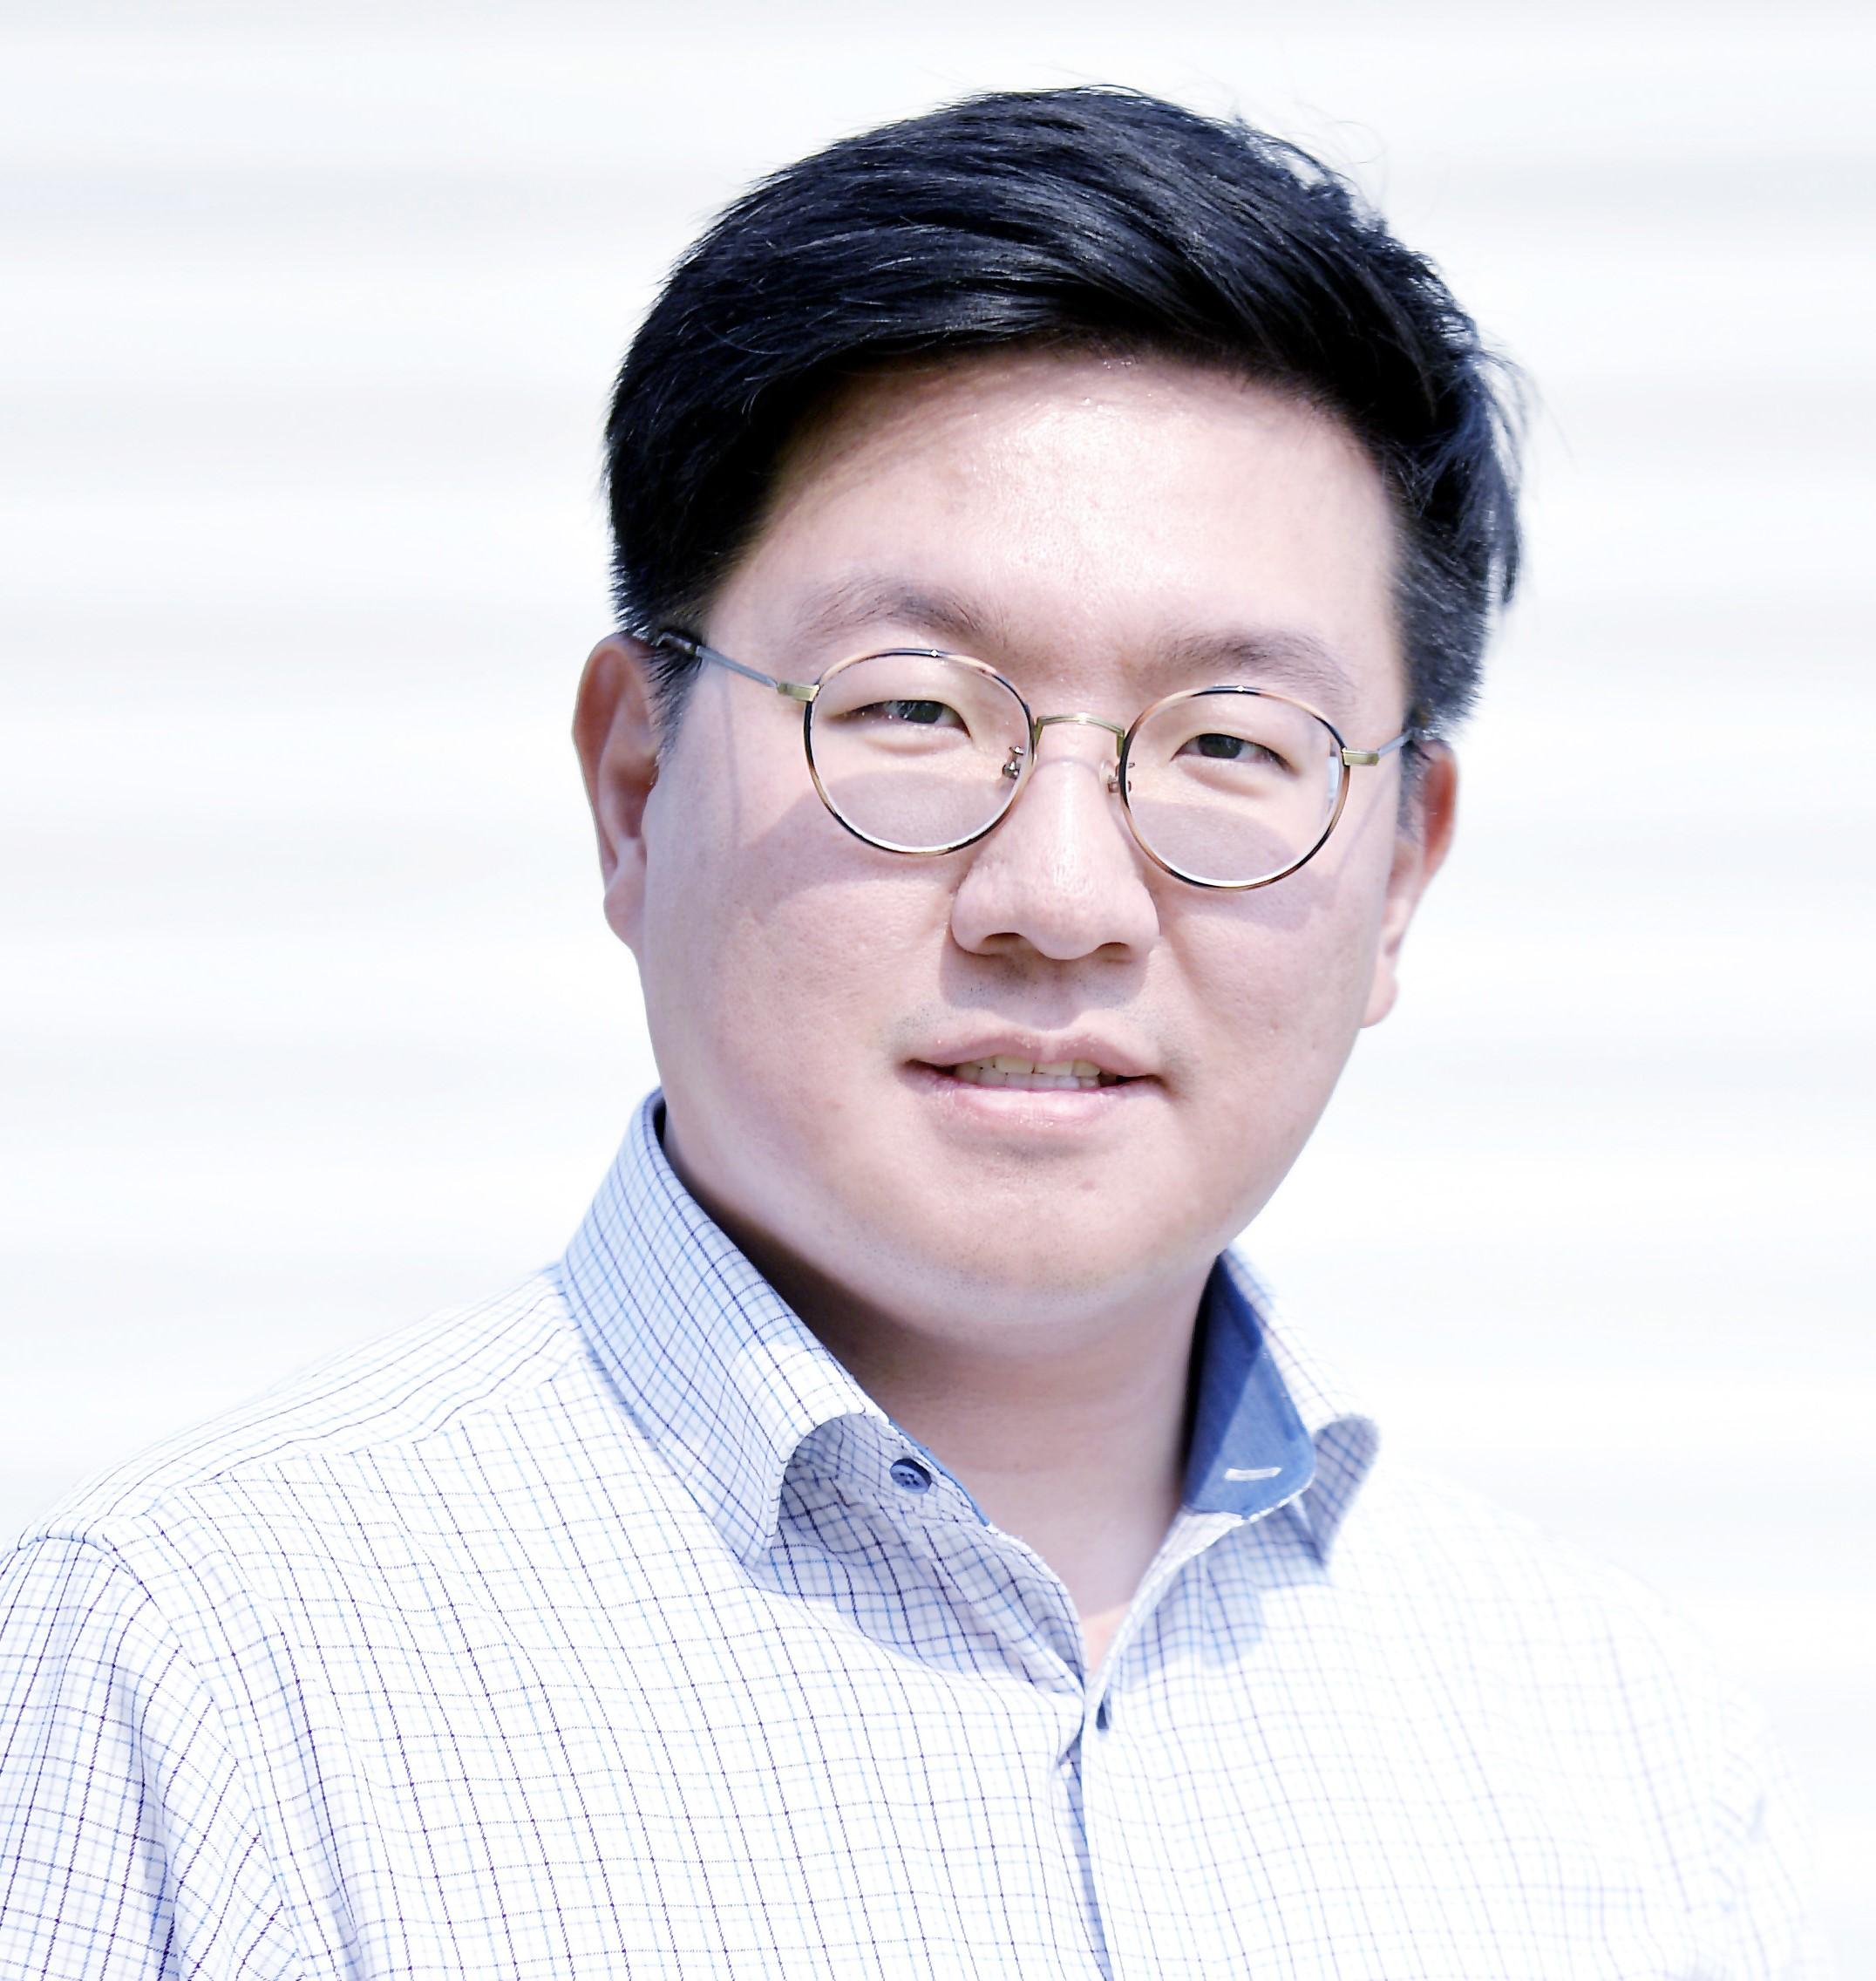 김지한 프로필 사진